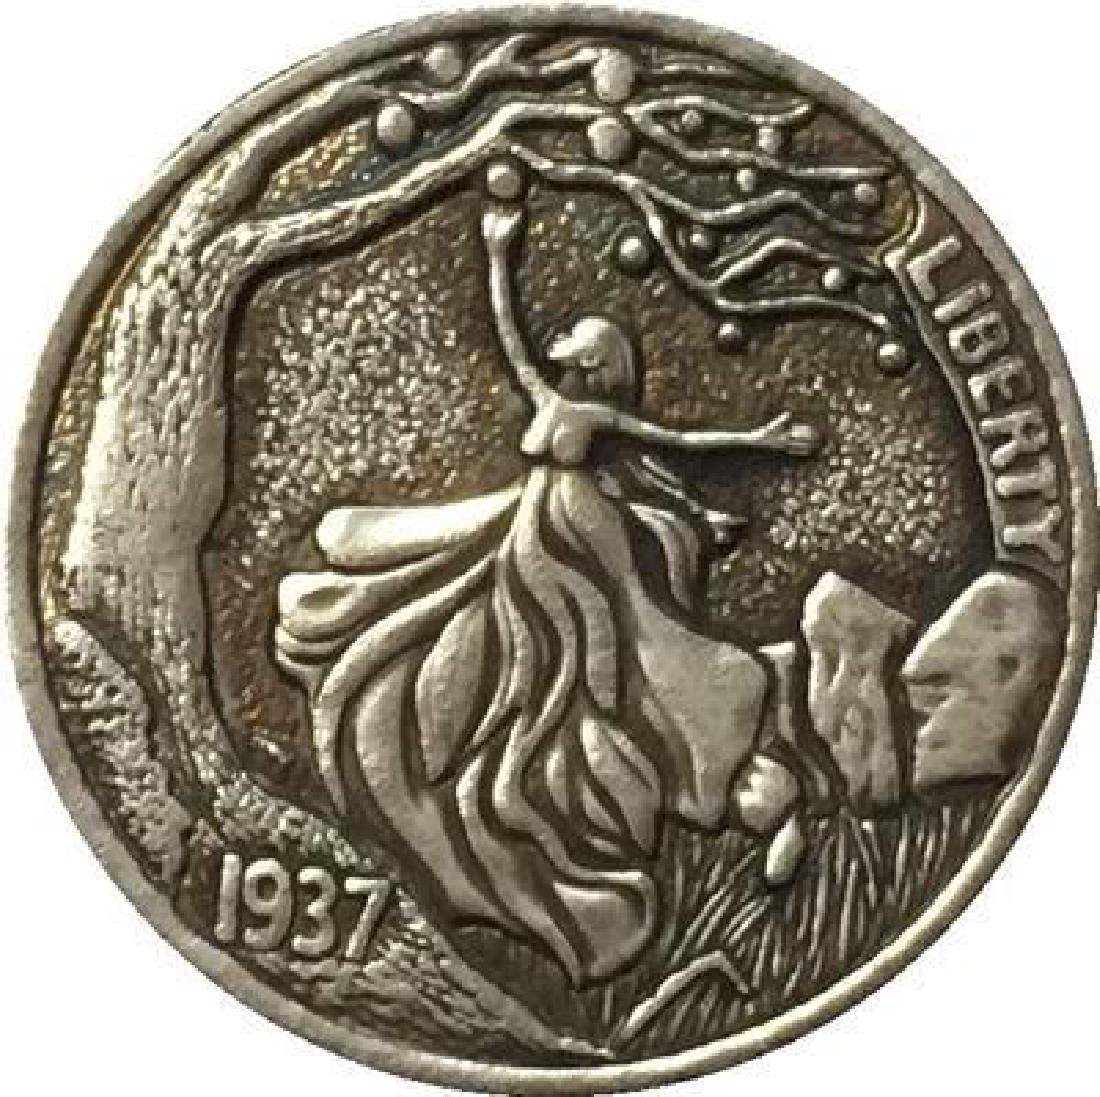 1937 USA Eve Forbidden Fruit Buffalo Coin